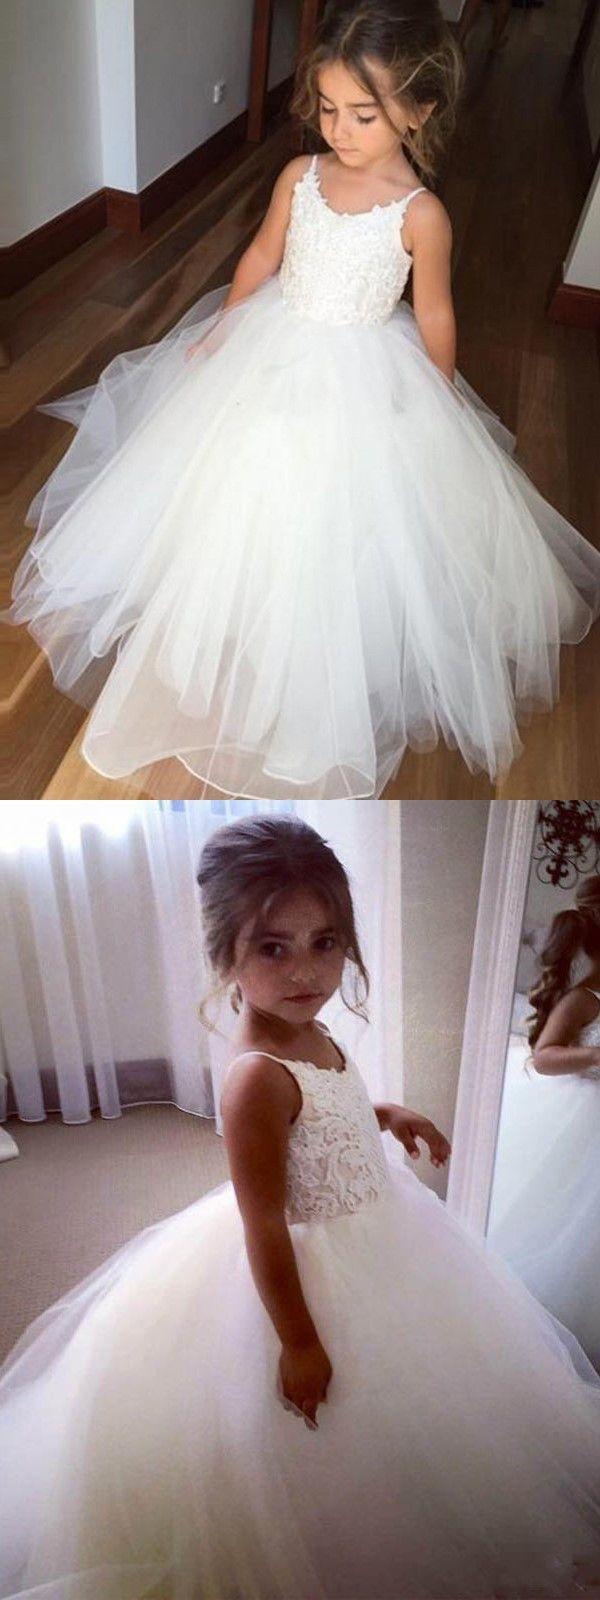 Cute aline straps white long flower girl dress slay prom